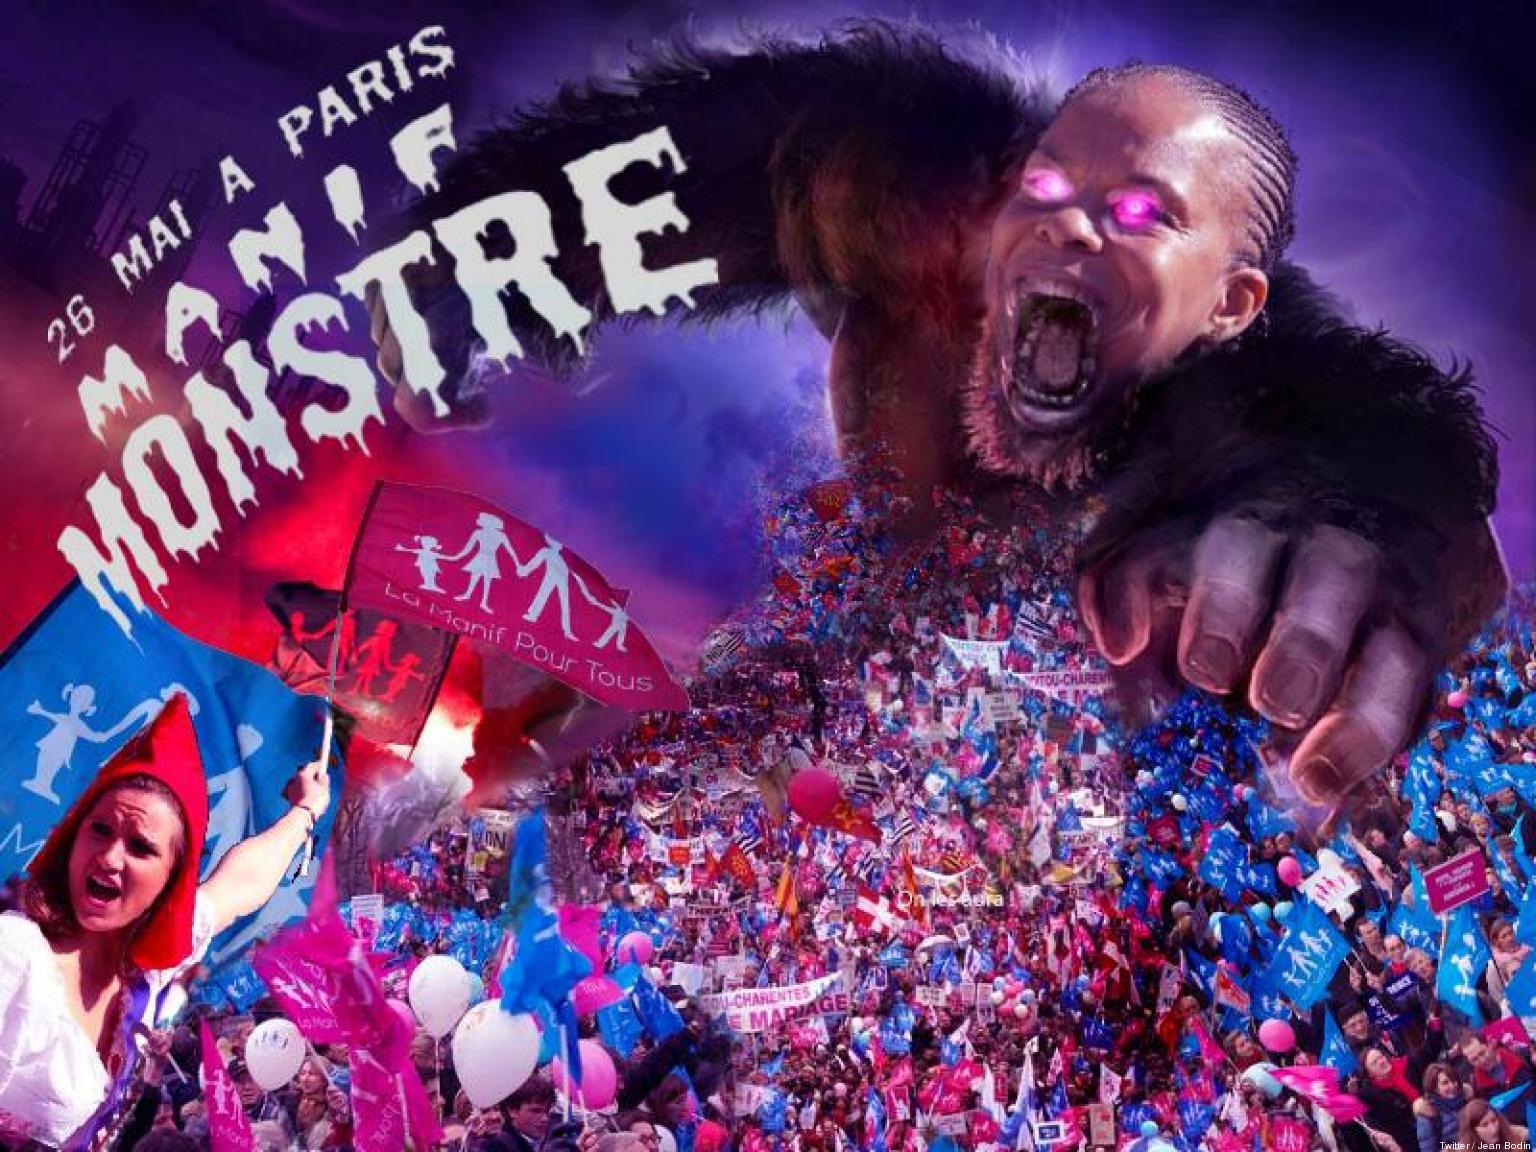 Une affiche de la Manif pour tous caricature Mme Taubira en King Kong. De mauvais goût ? Limite raciste ? Photo Huffington Post